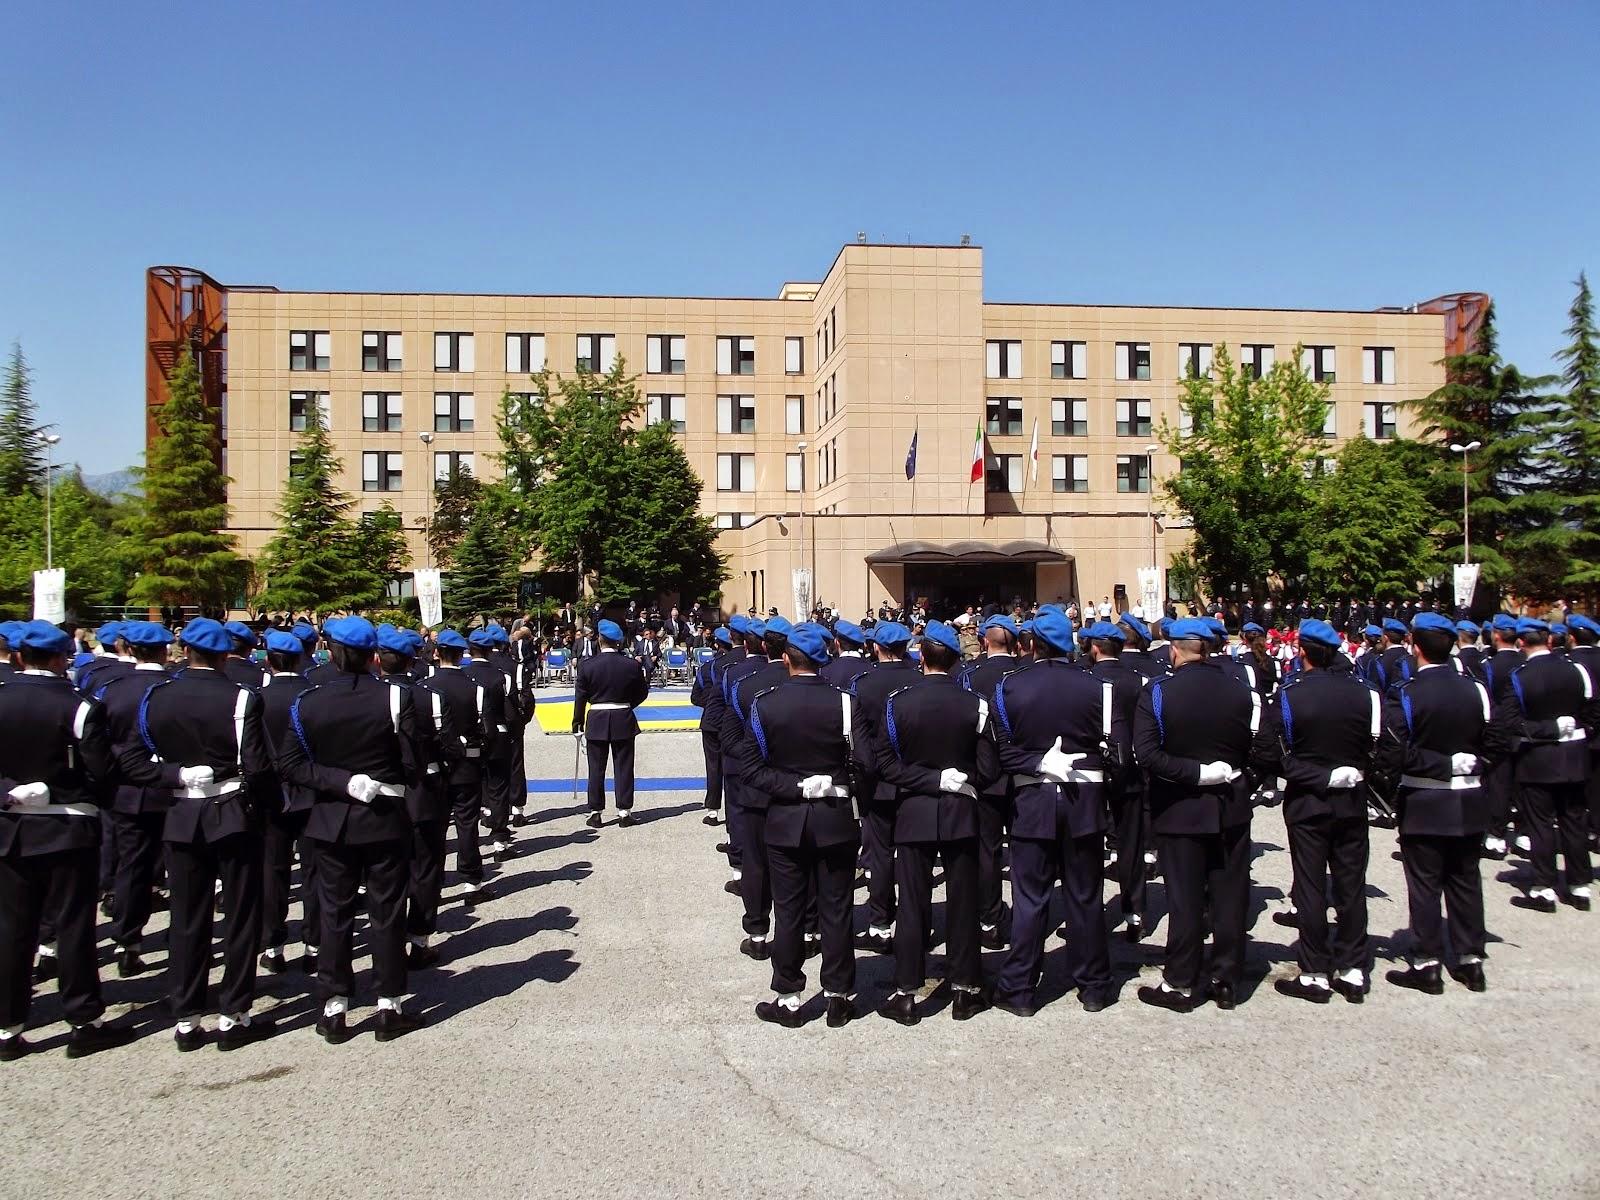 Concorso 300 allievi agenti del ruolo maschile e 100 allievi...